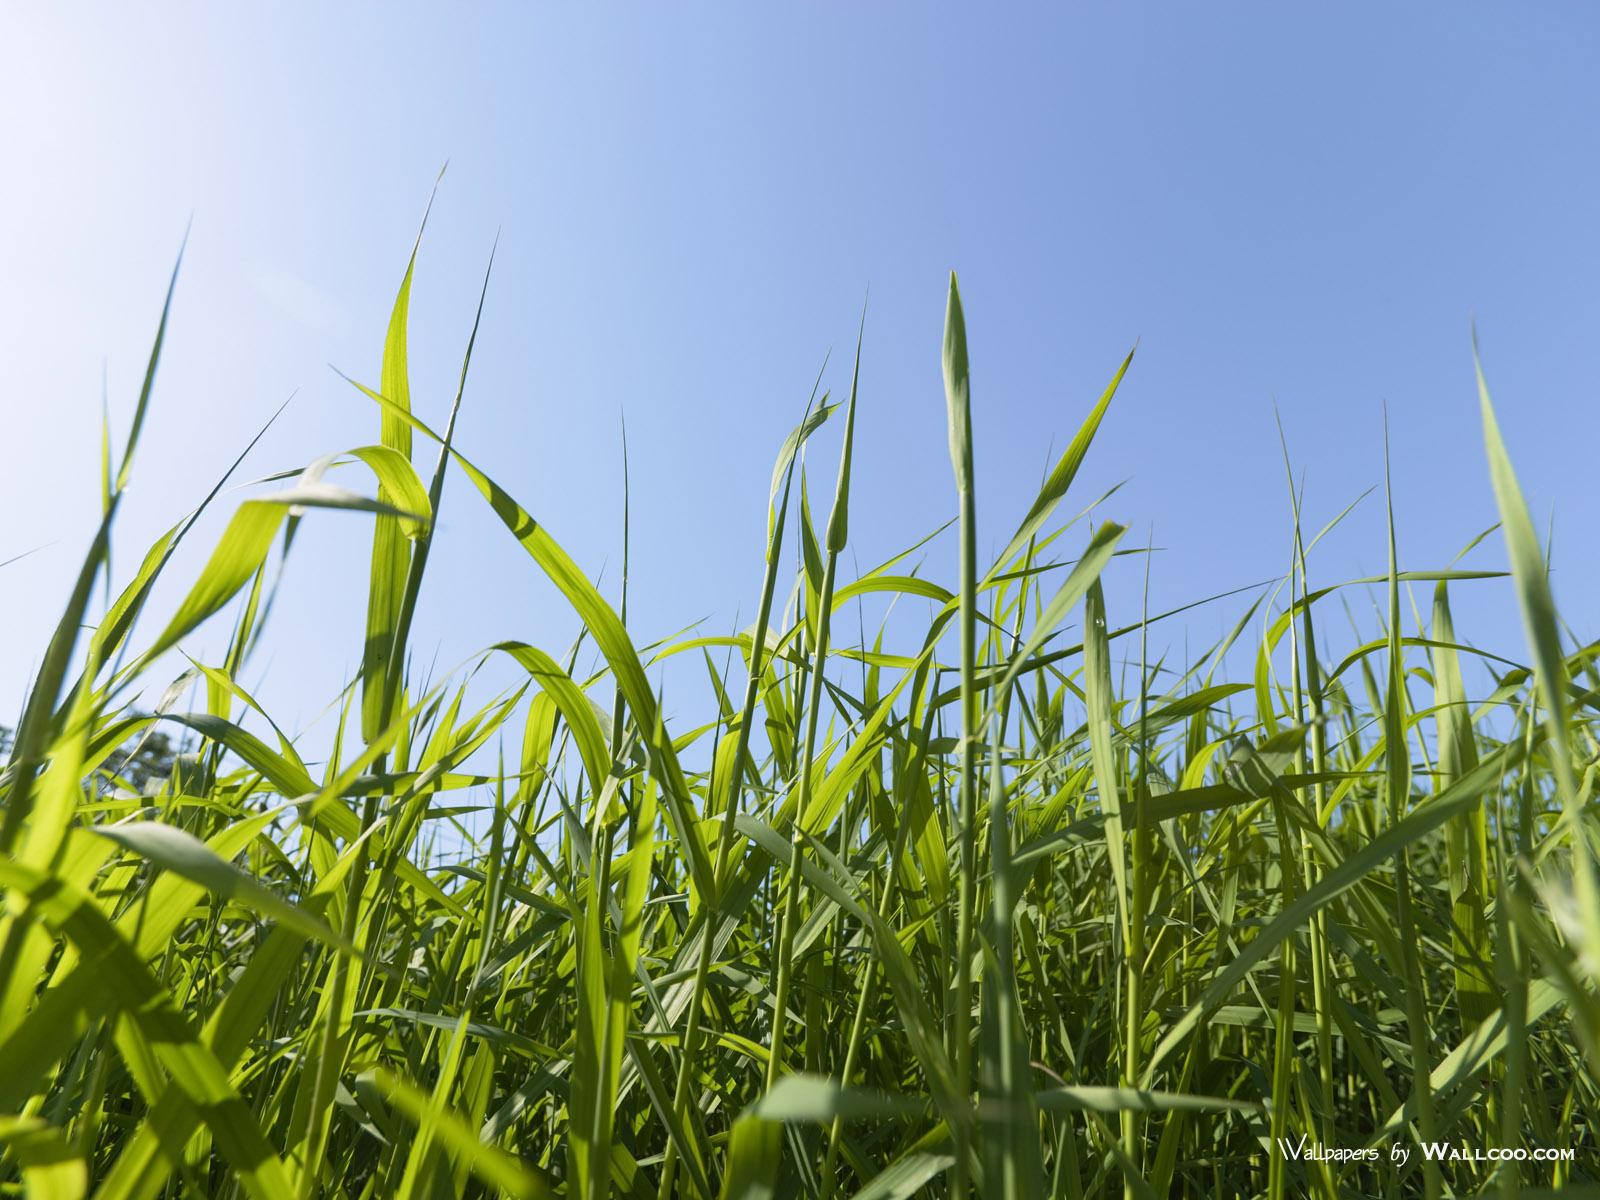 1200天空草原图片 草地青草图片壁纸,青青草原 草原天空摄影壁纸壁